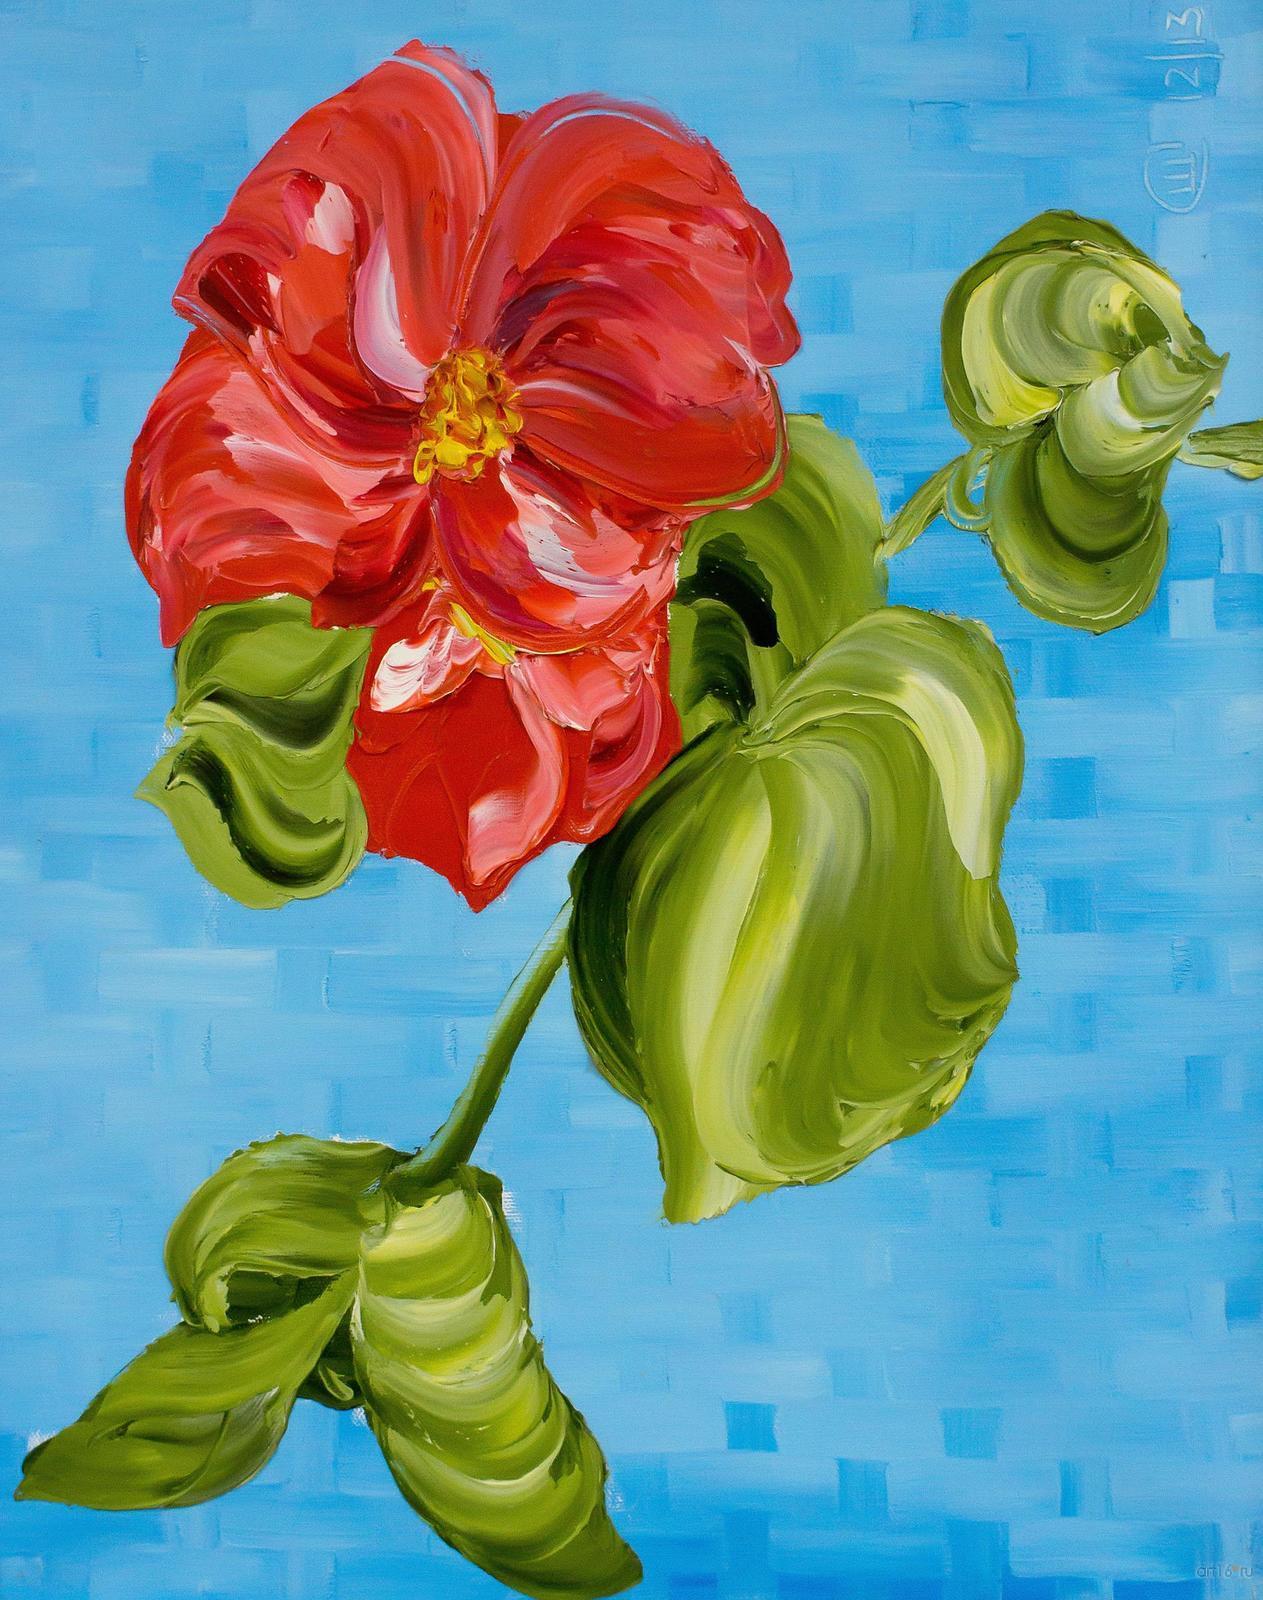 Фото №783692. «Красный цветок смятений ты подарила мне... (А. Шох)». Светлана Шавалеева